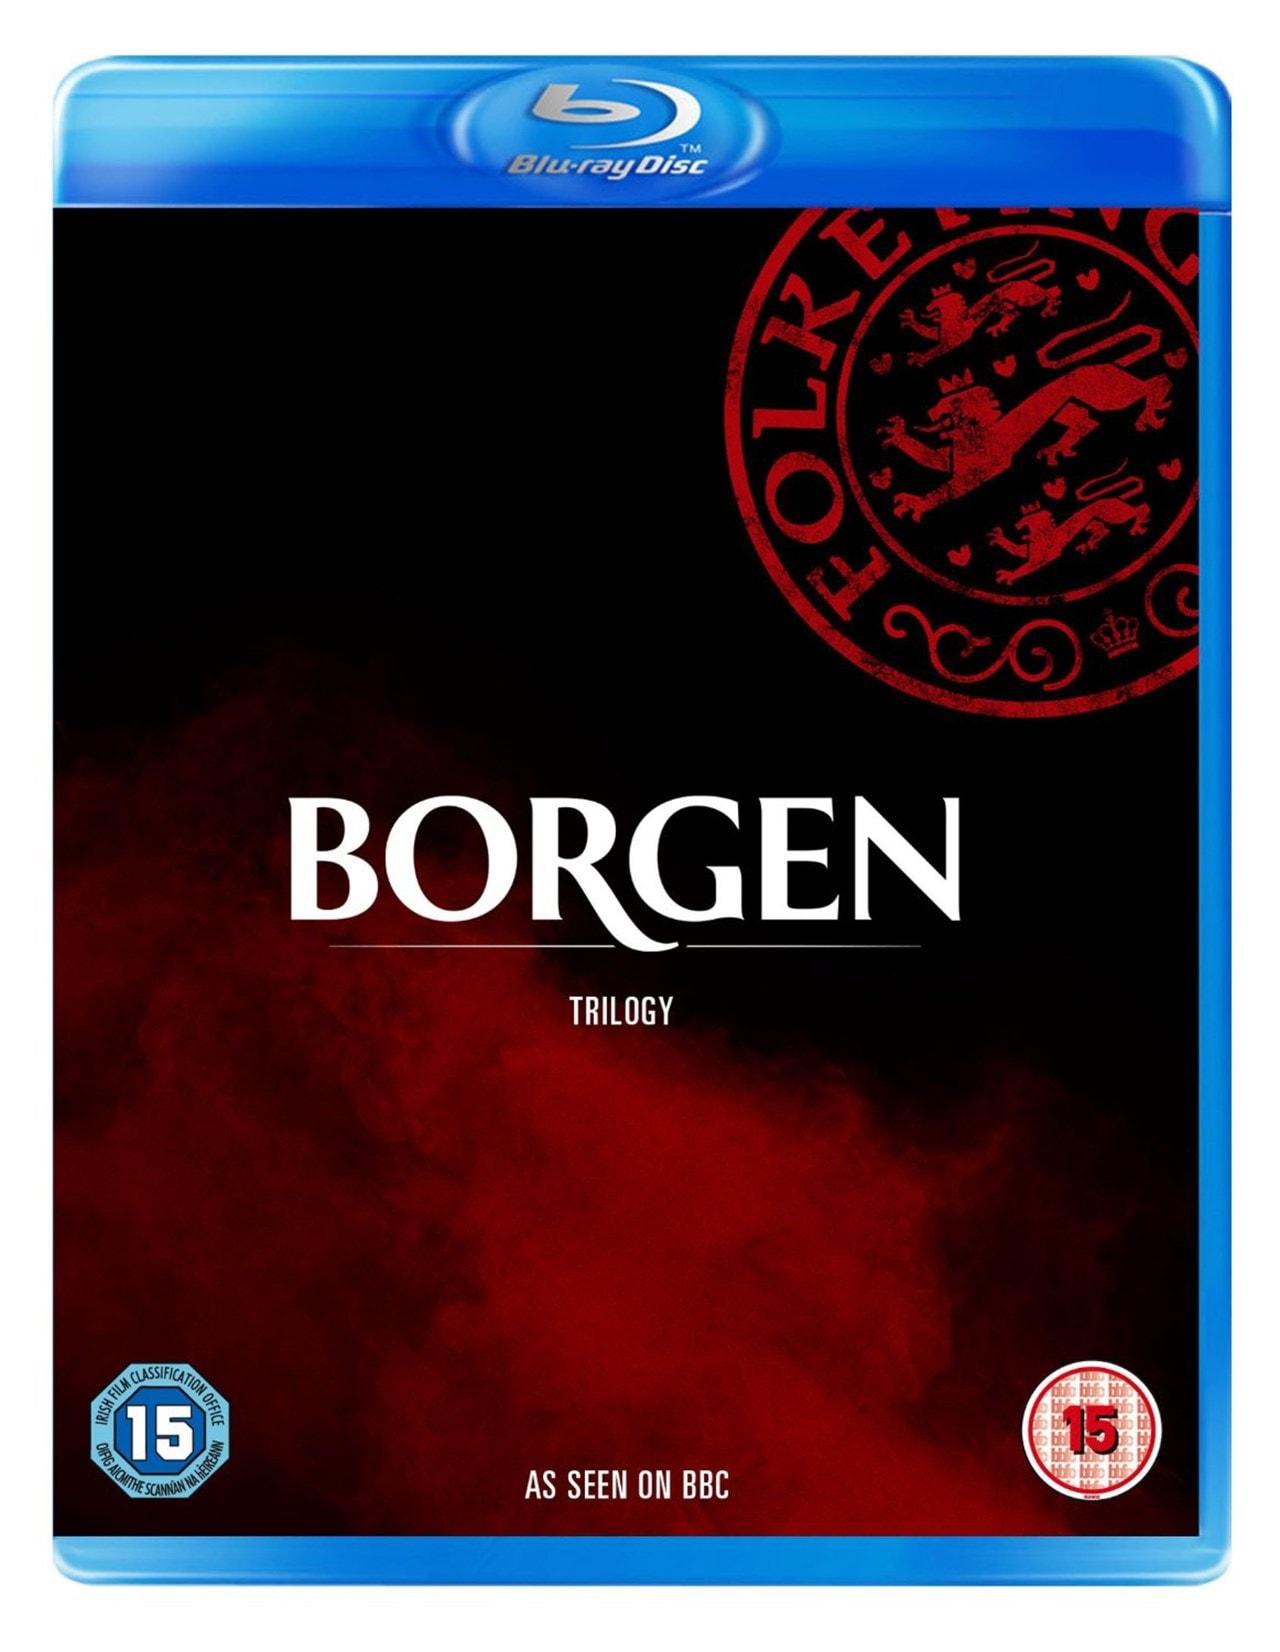 Borgen Trilogy - 1